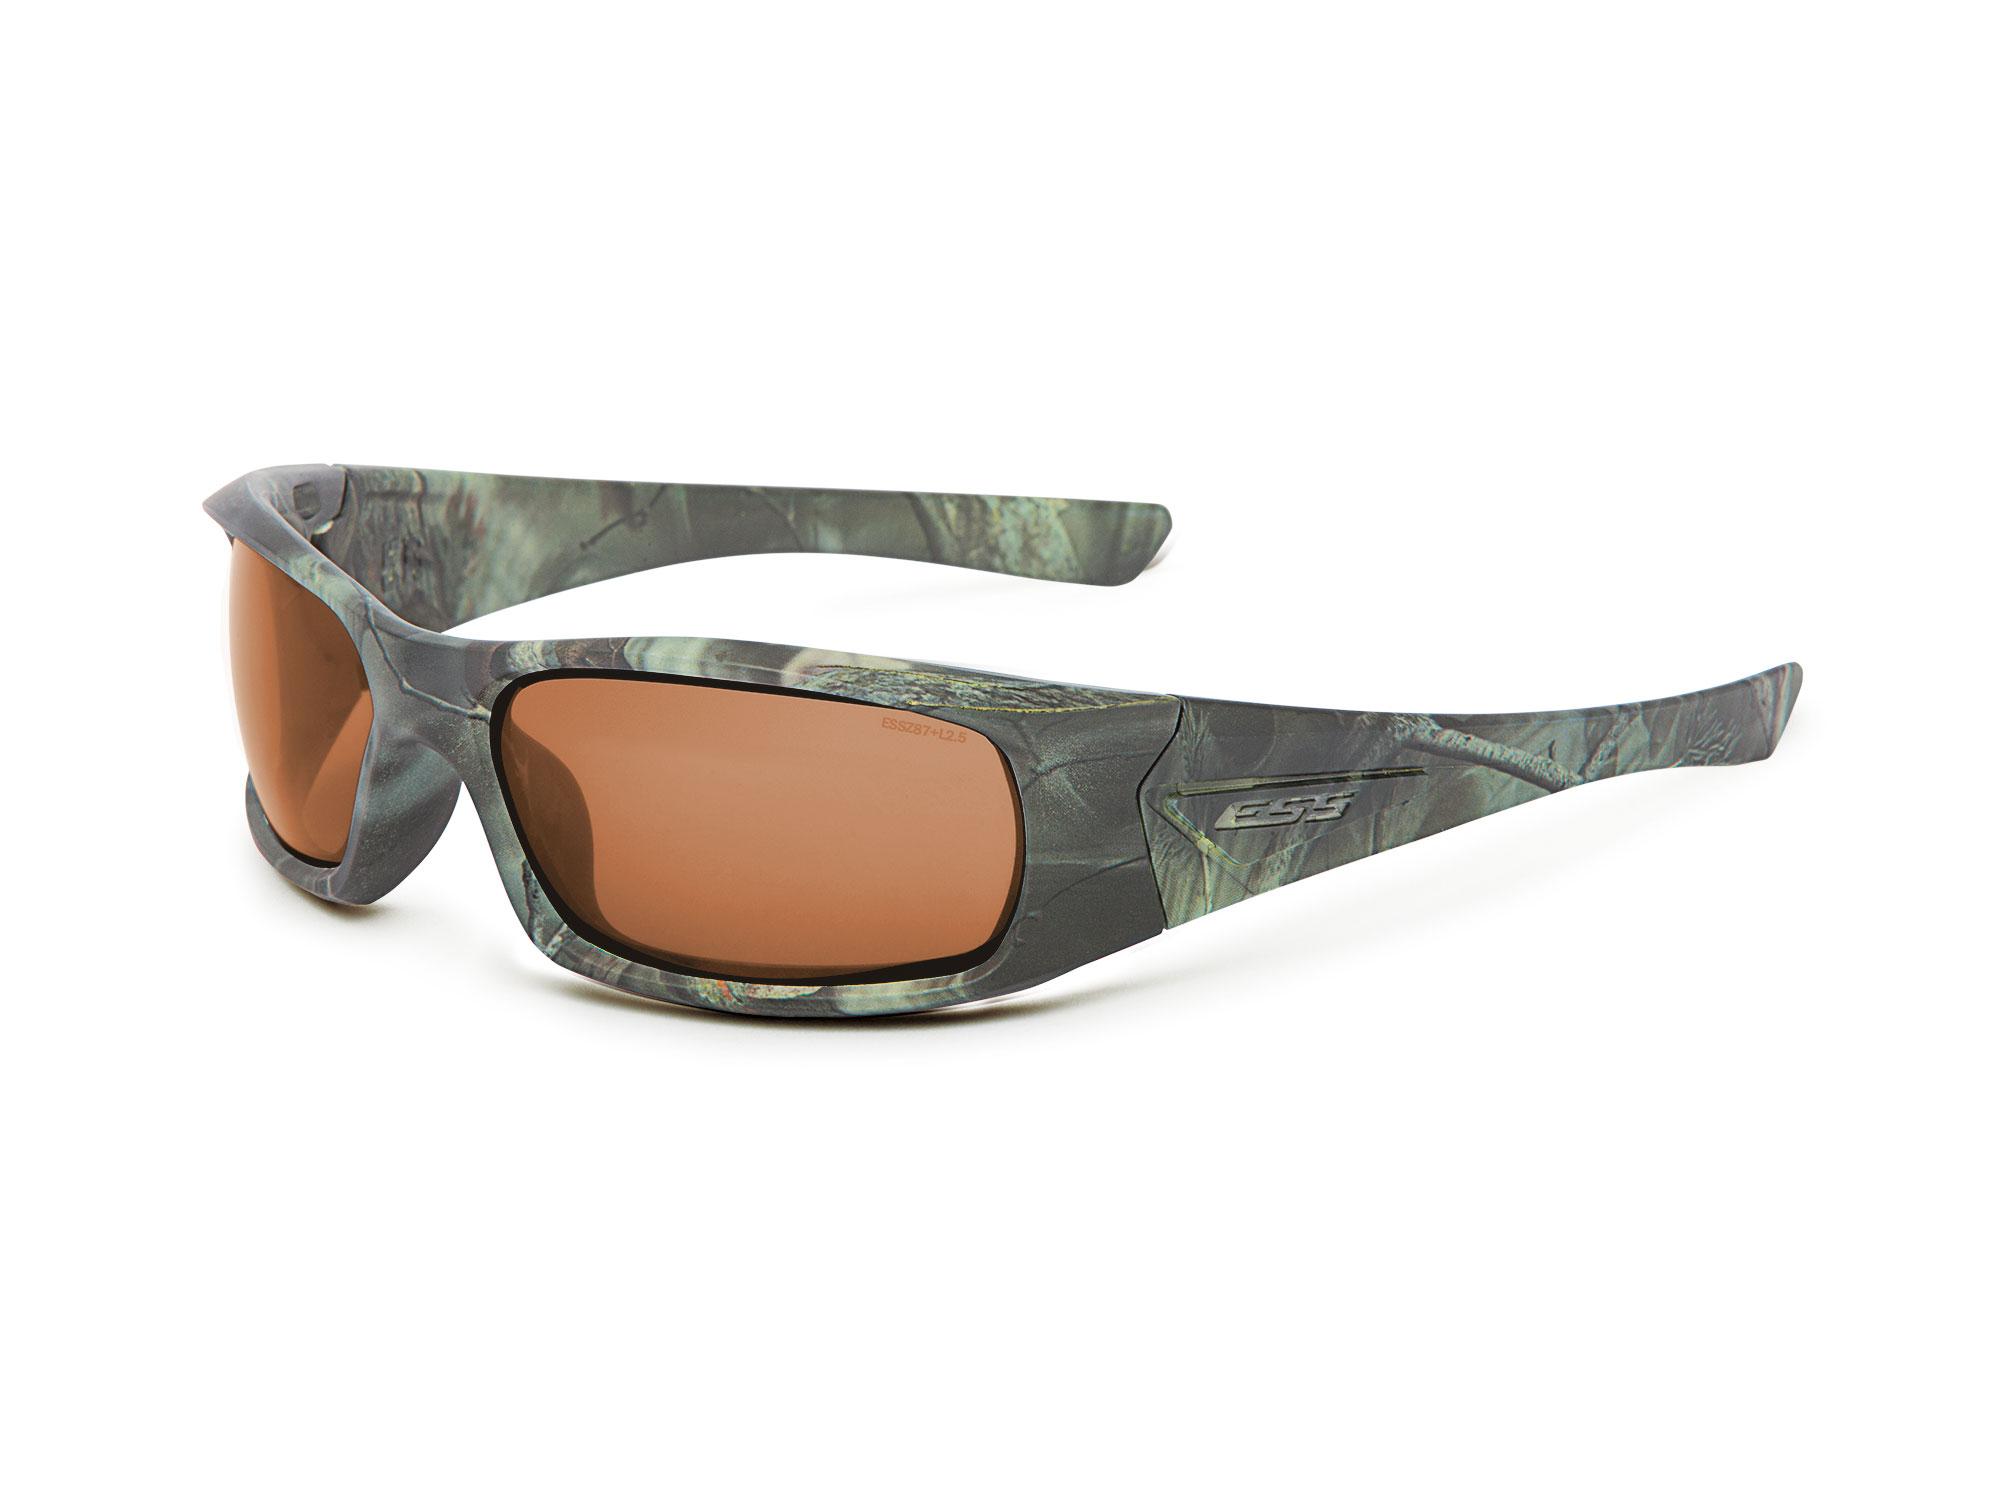 E9006-13フレーム:リーパーウッズ、 レンズ:ミラーコッパー